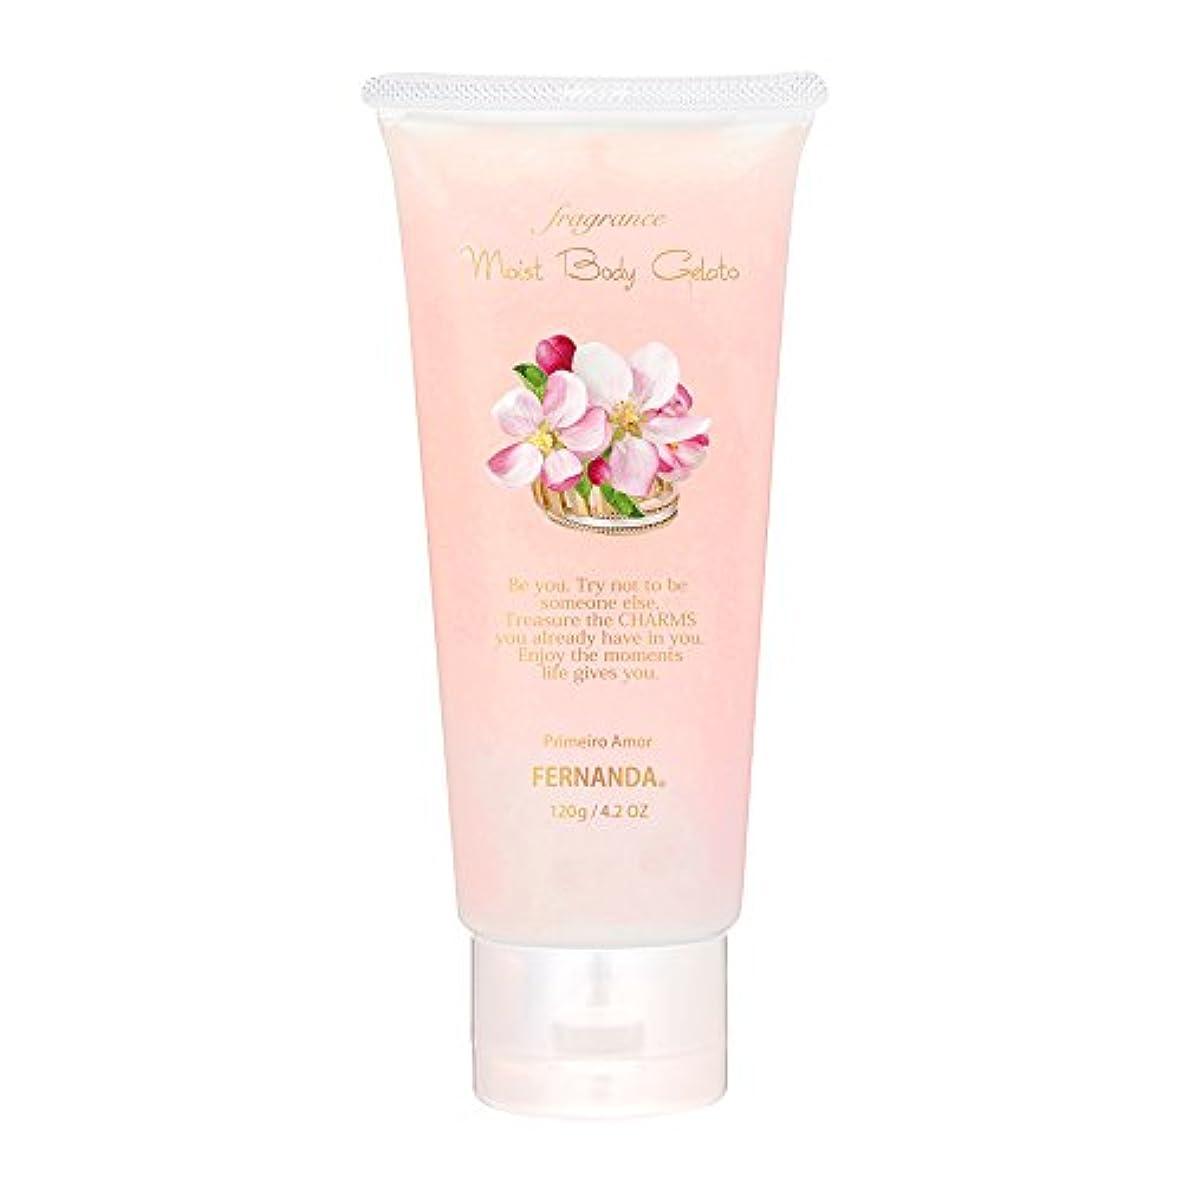 立場海バリアFERNANDA(フェルナンダ) Fragrance Moist Body Gelato Primeiro Amor (モイストボディジェラート プリメイロアモール)